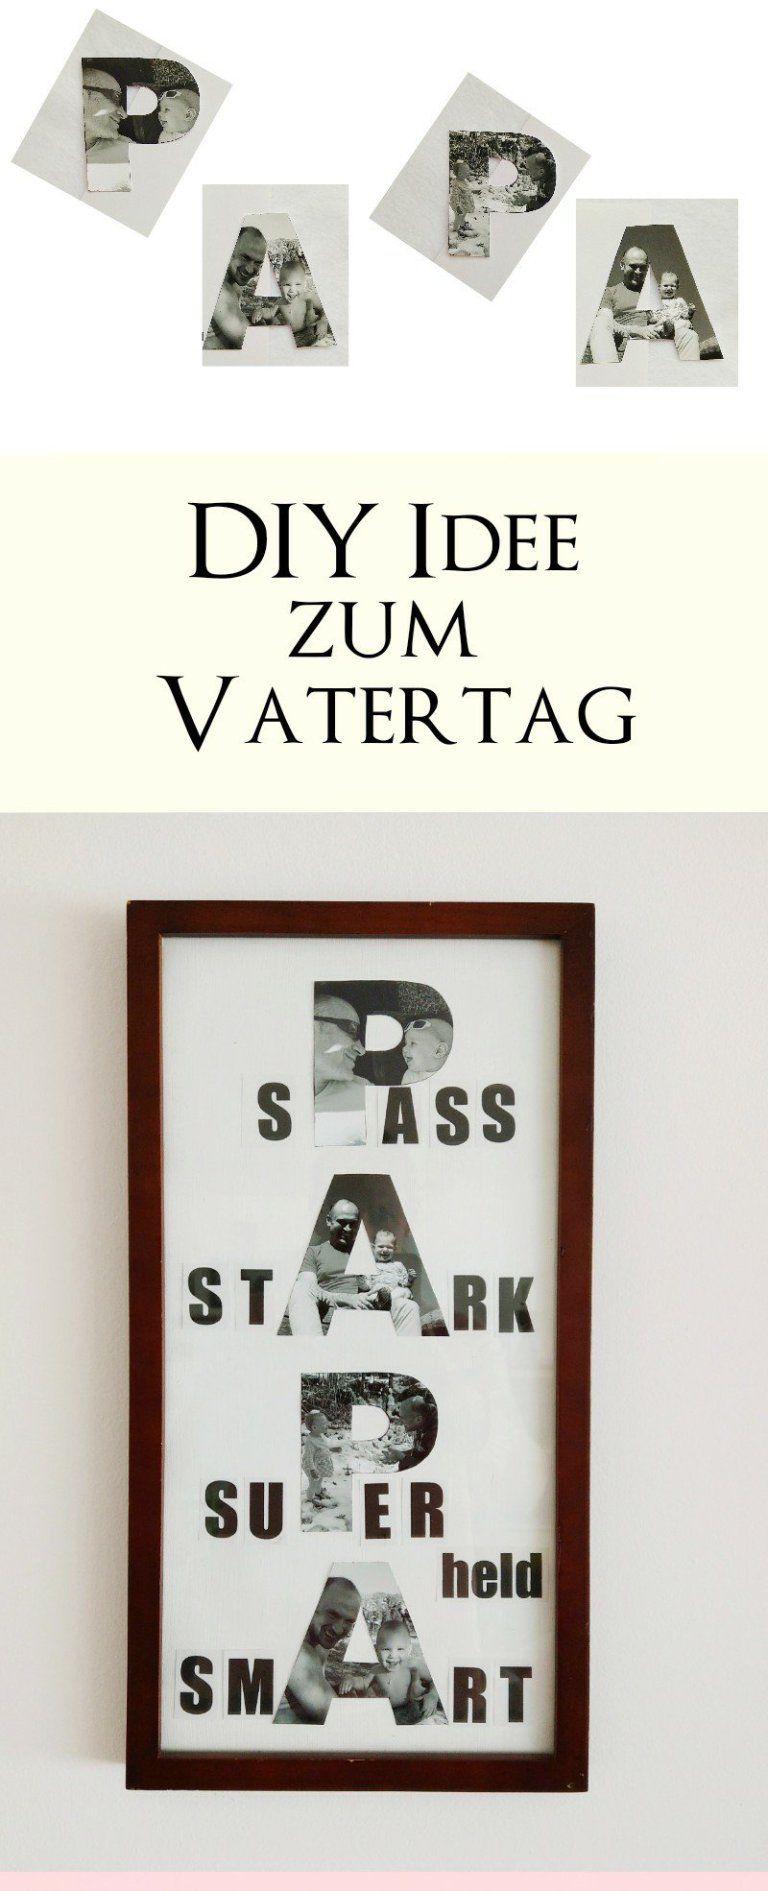 Bilder Zum Muttertag Und Vatertag Basteln - 3 Diy-Ideen Mit verwandt mit Vatertag Geschenkideen Zum Selber Machen